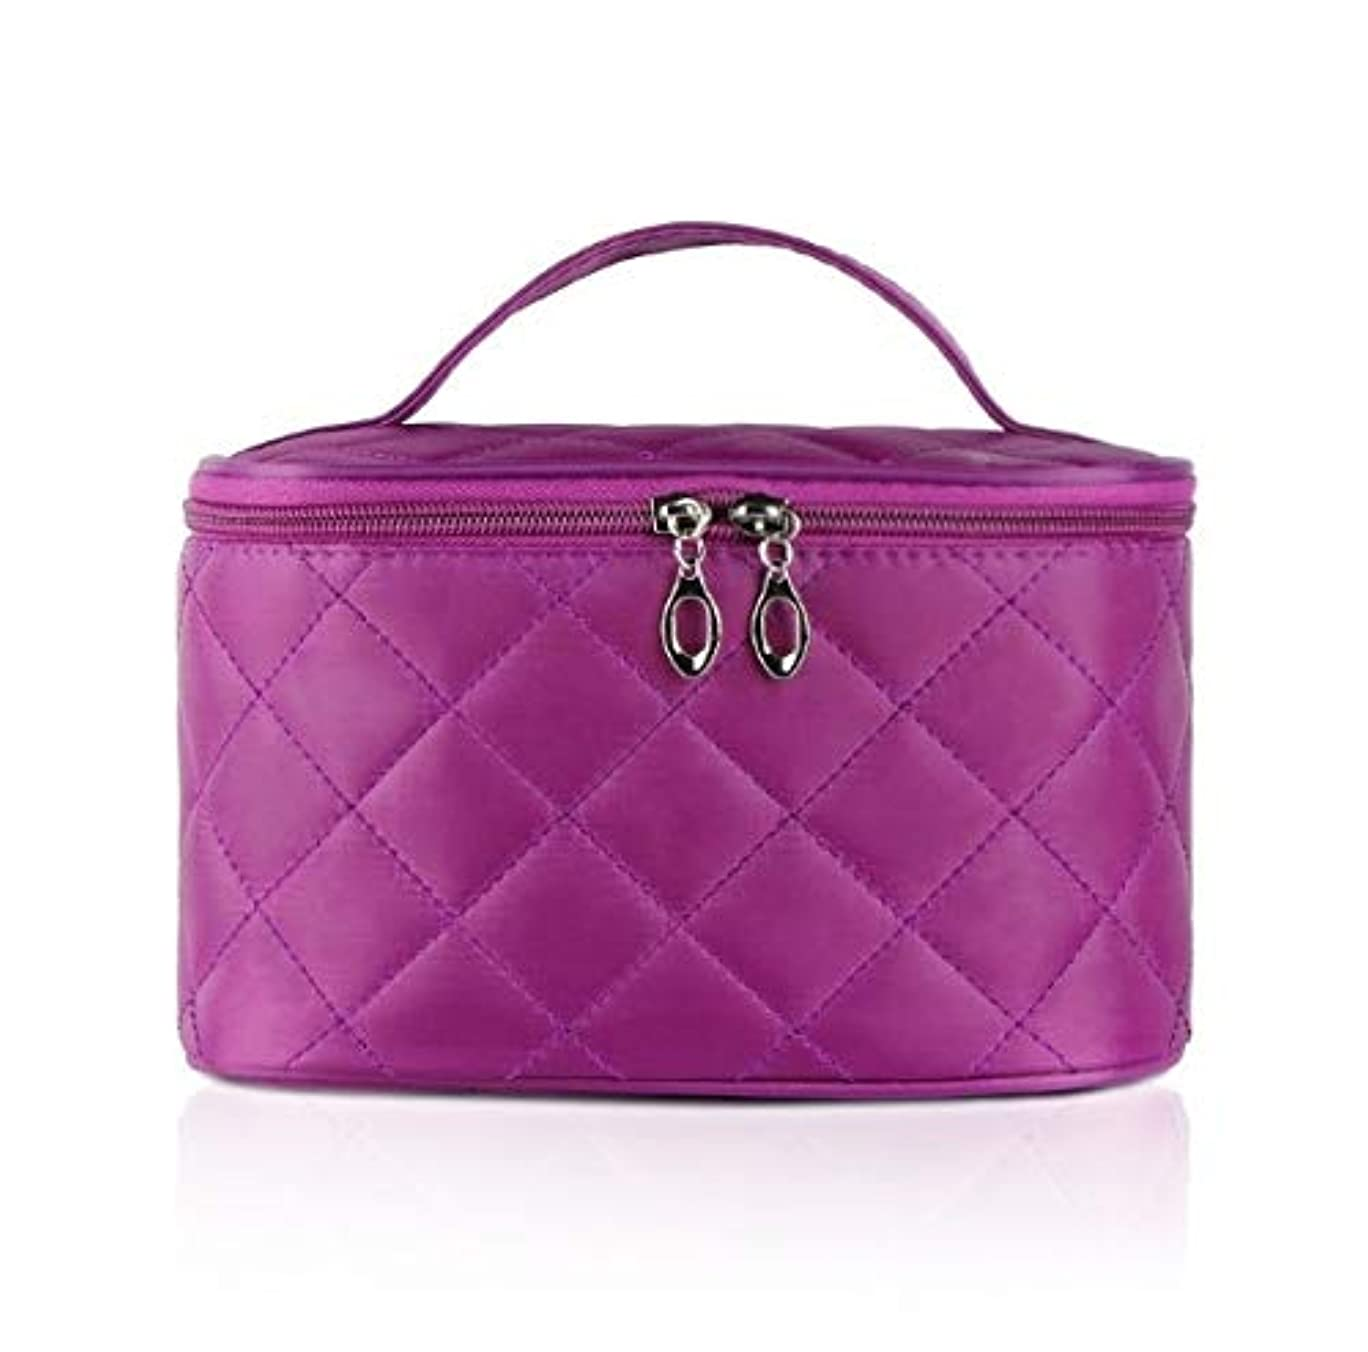 ワードローブエンジニア心臓化粧箱、簡単な菱形の正方形の携帯用化粧品袋、携帯用携帯用旅行化粧品の箱、美の釘の宝石類の収納箱 (Color : Purple)